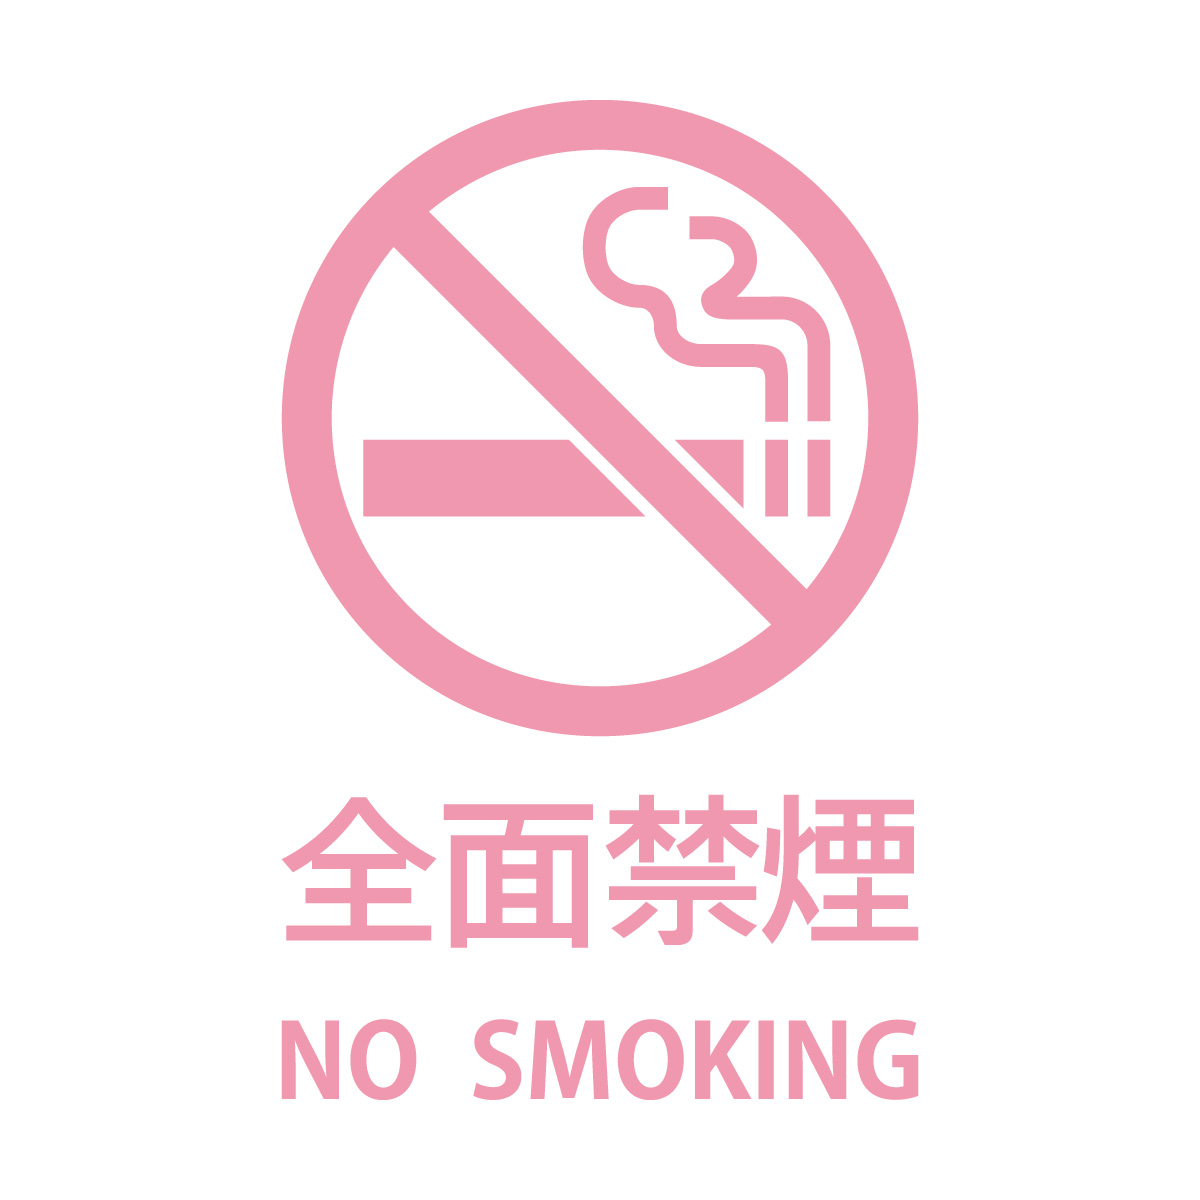 ピンク色の禁煙 シール ステッカー(全面禁煙 NO SMOKING テキスト付き)のカッティングステッカー・シール